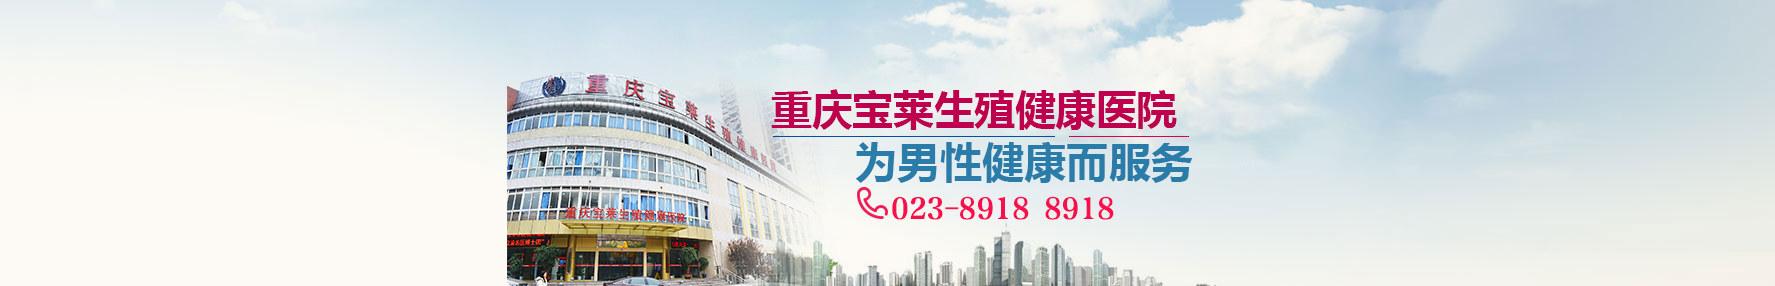 重庆男科医院